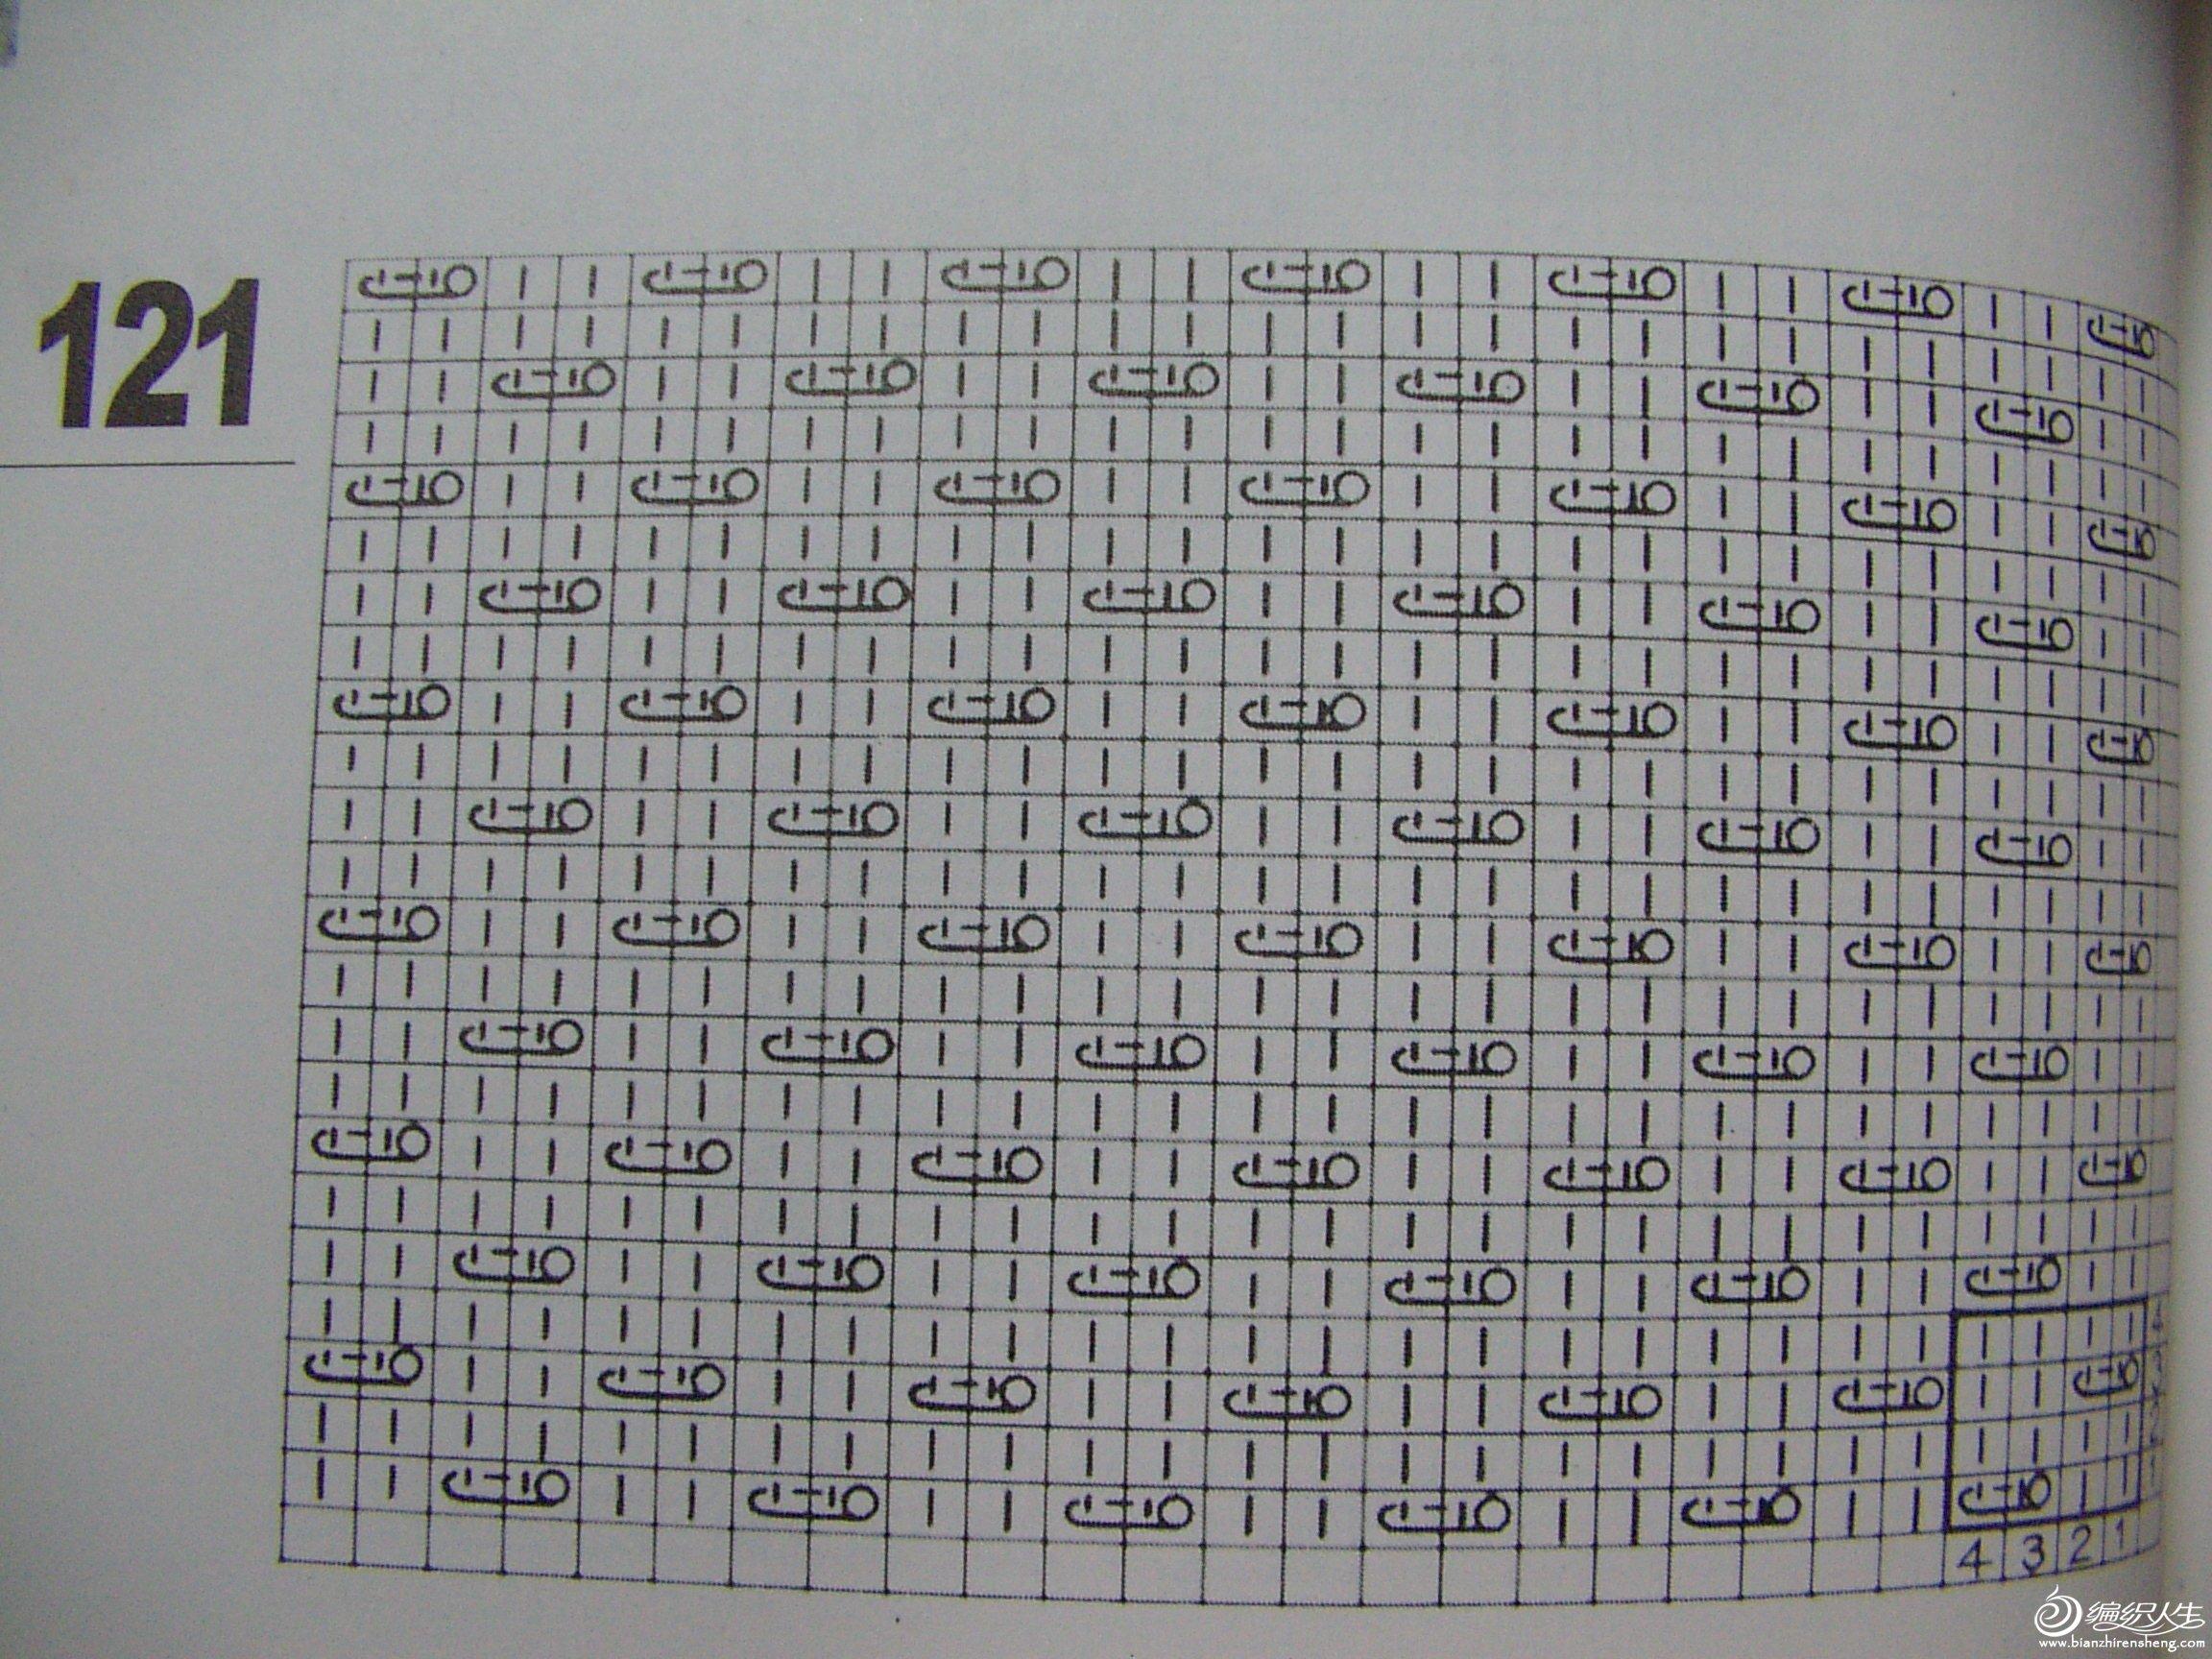 IMGP2798.JPG